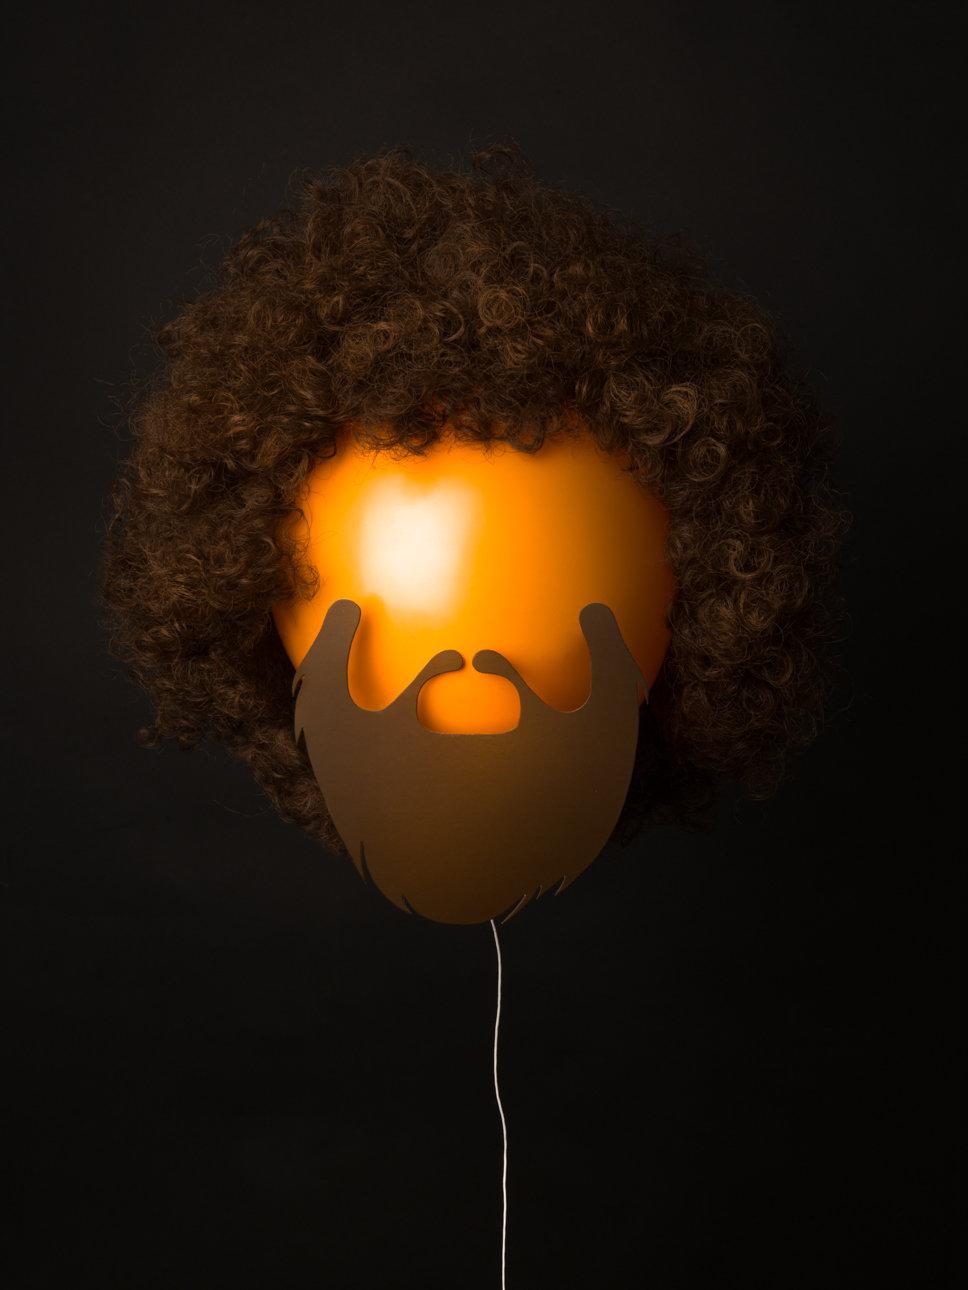 Patrick-Rivera-photographer-still-life-balloonies (3 of 6).jpg